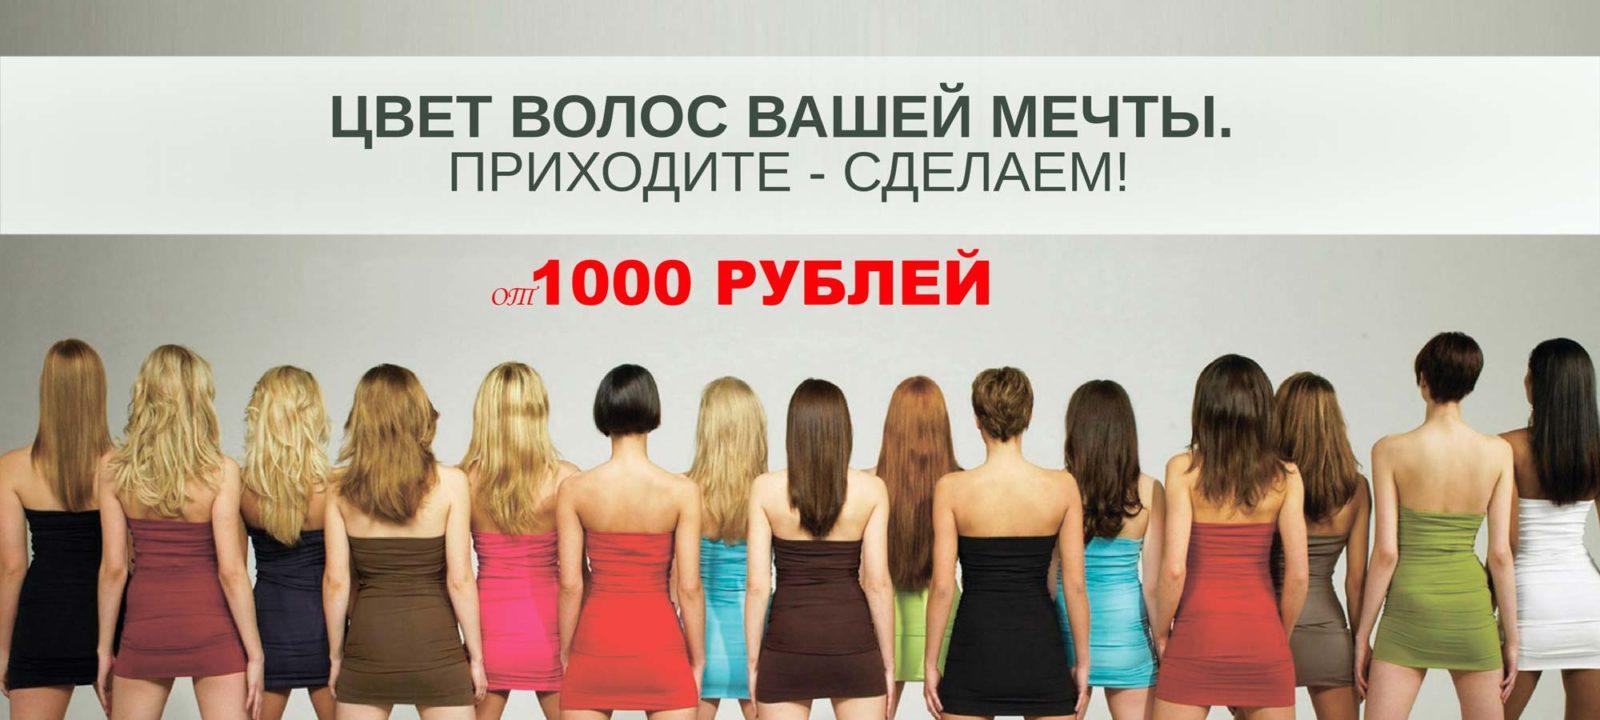 baner_cvet_mechty_ot_1000